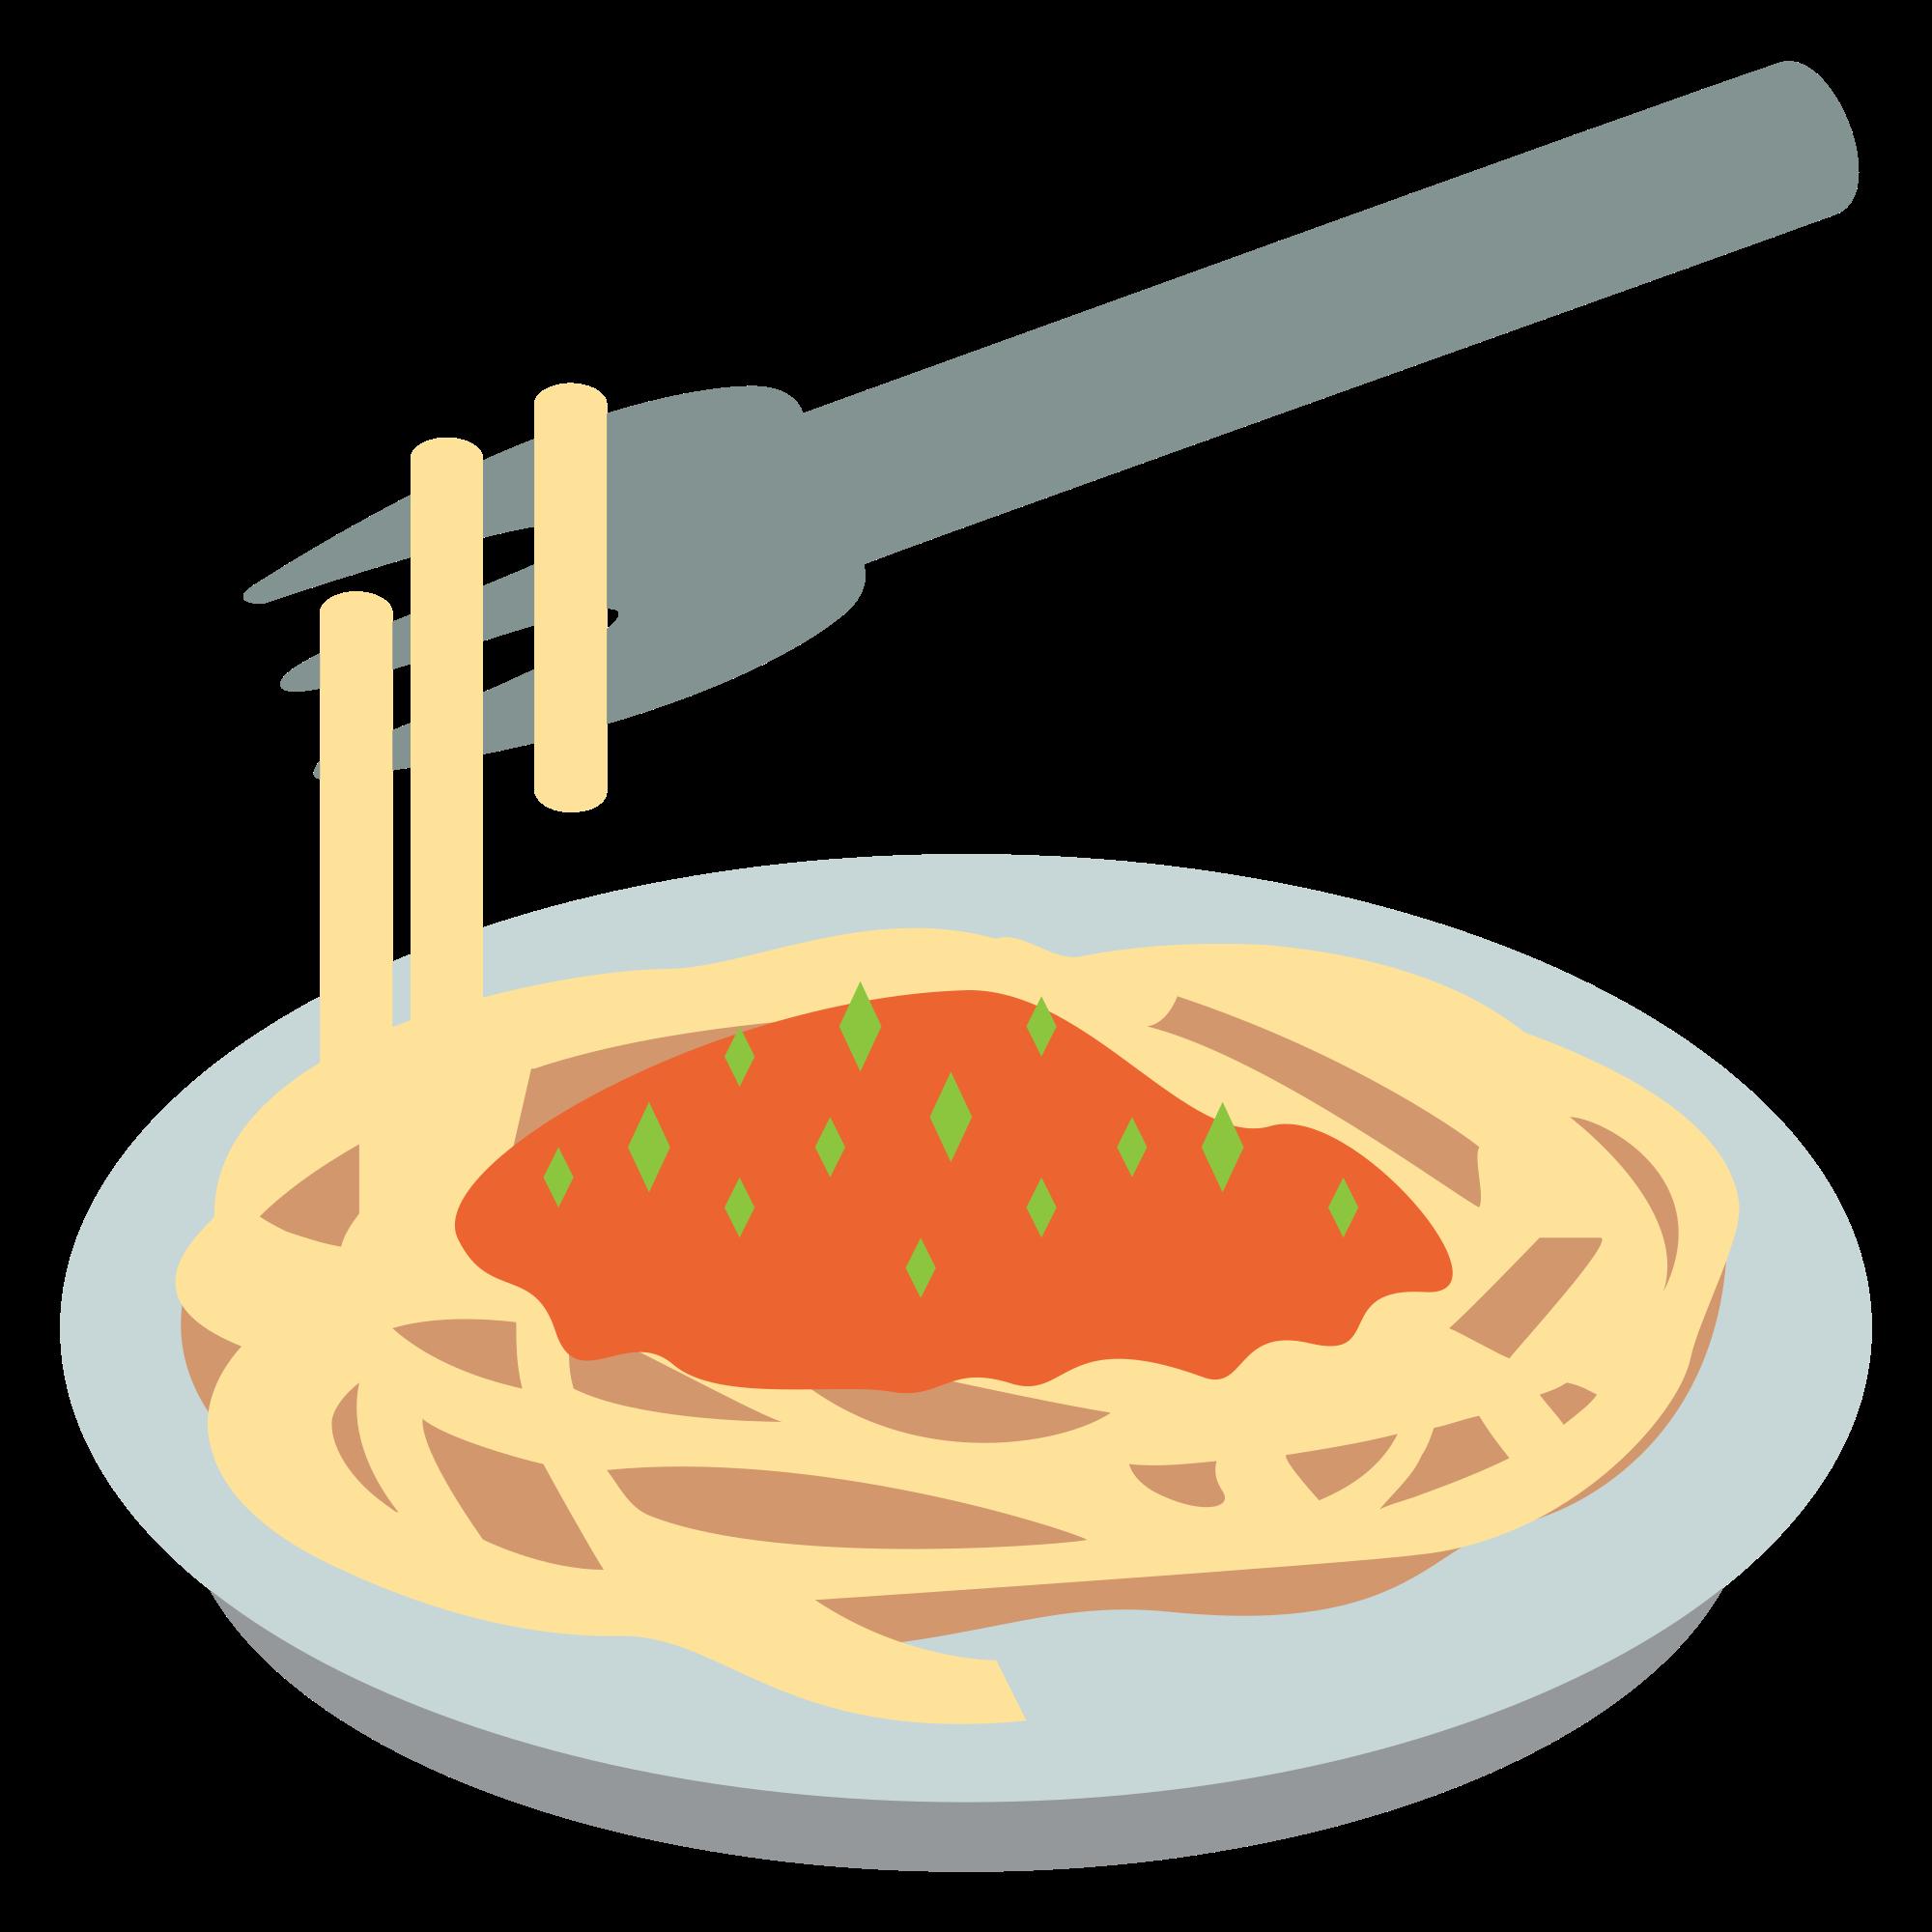 A tech dinner conneaut. Foods clipart spaghetti